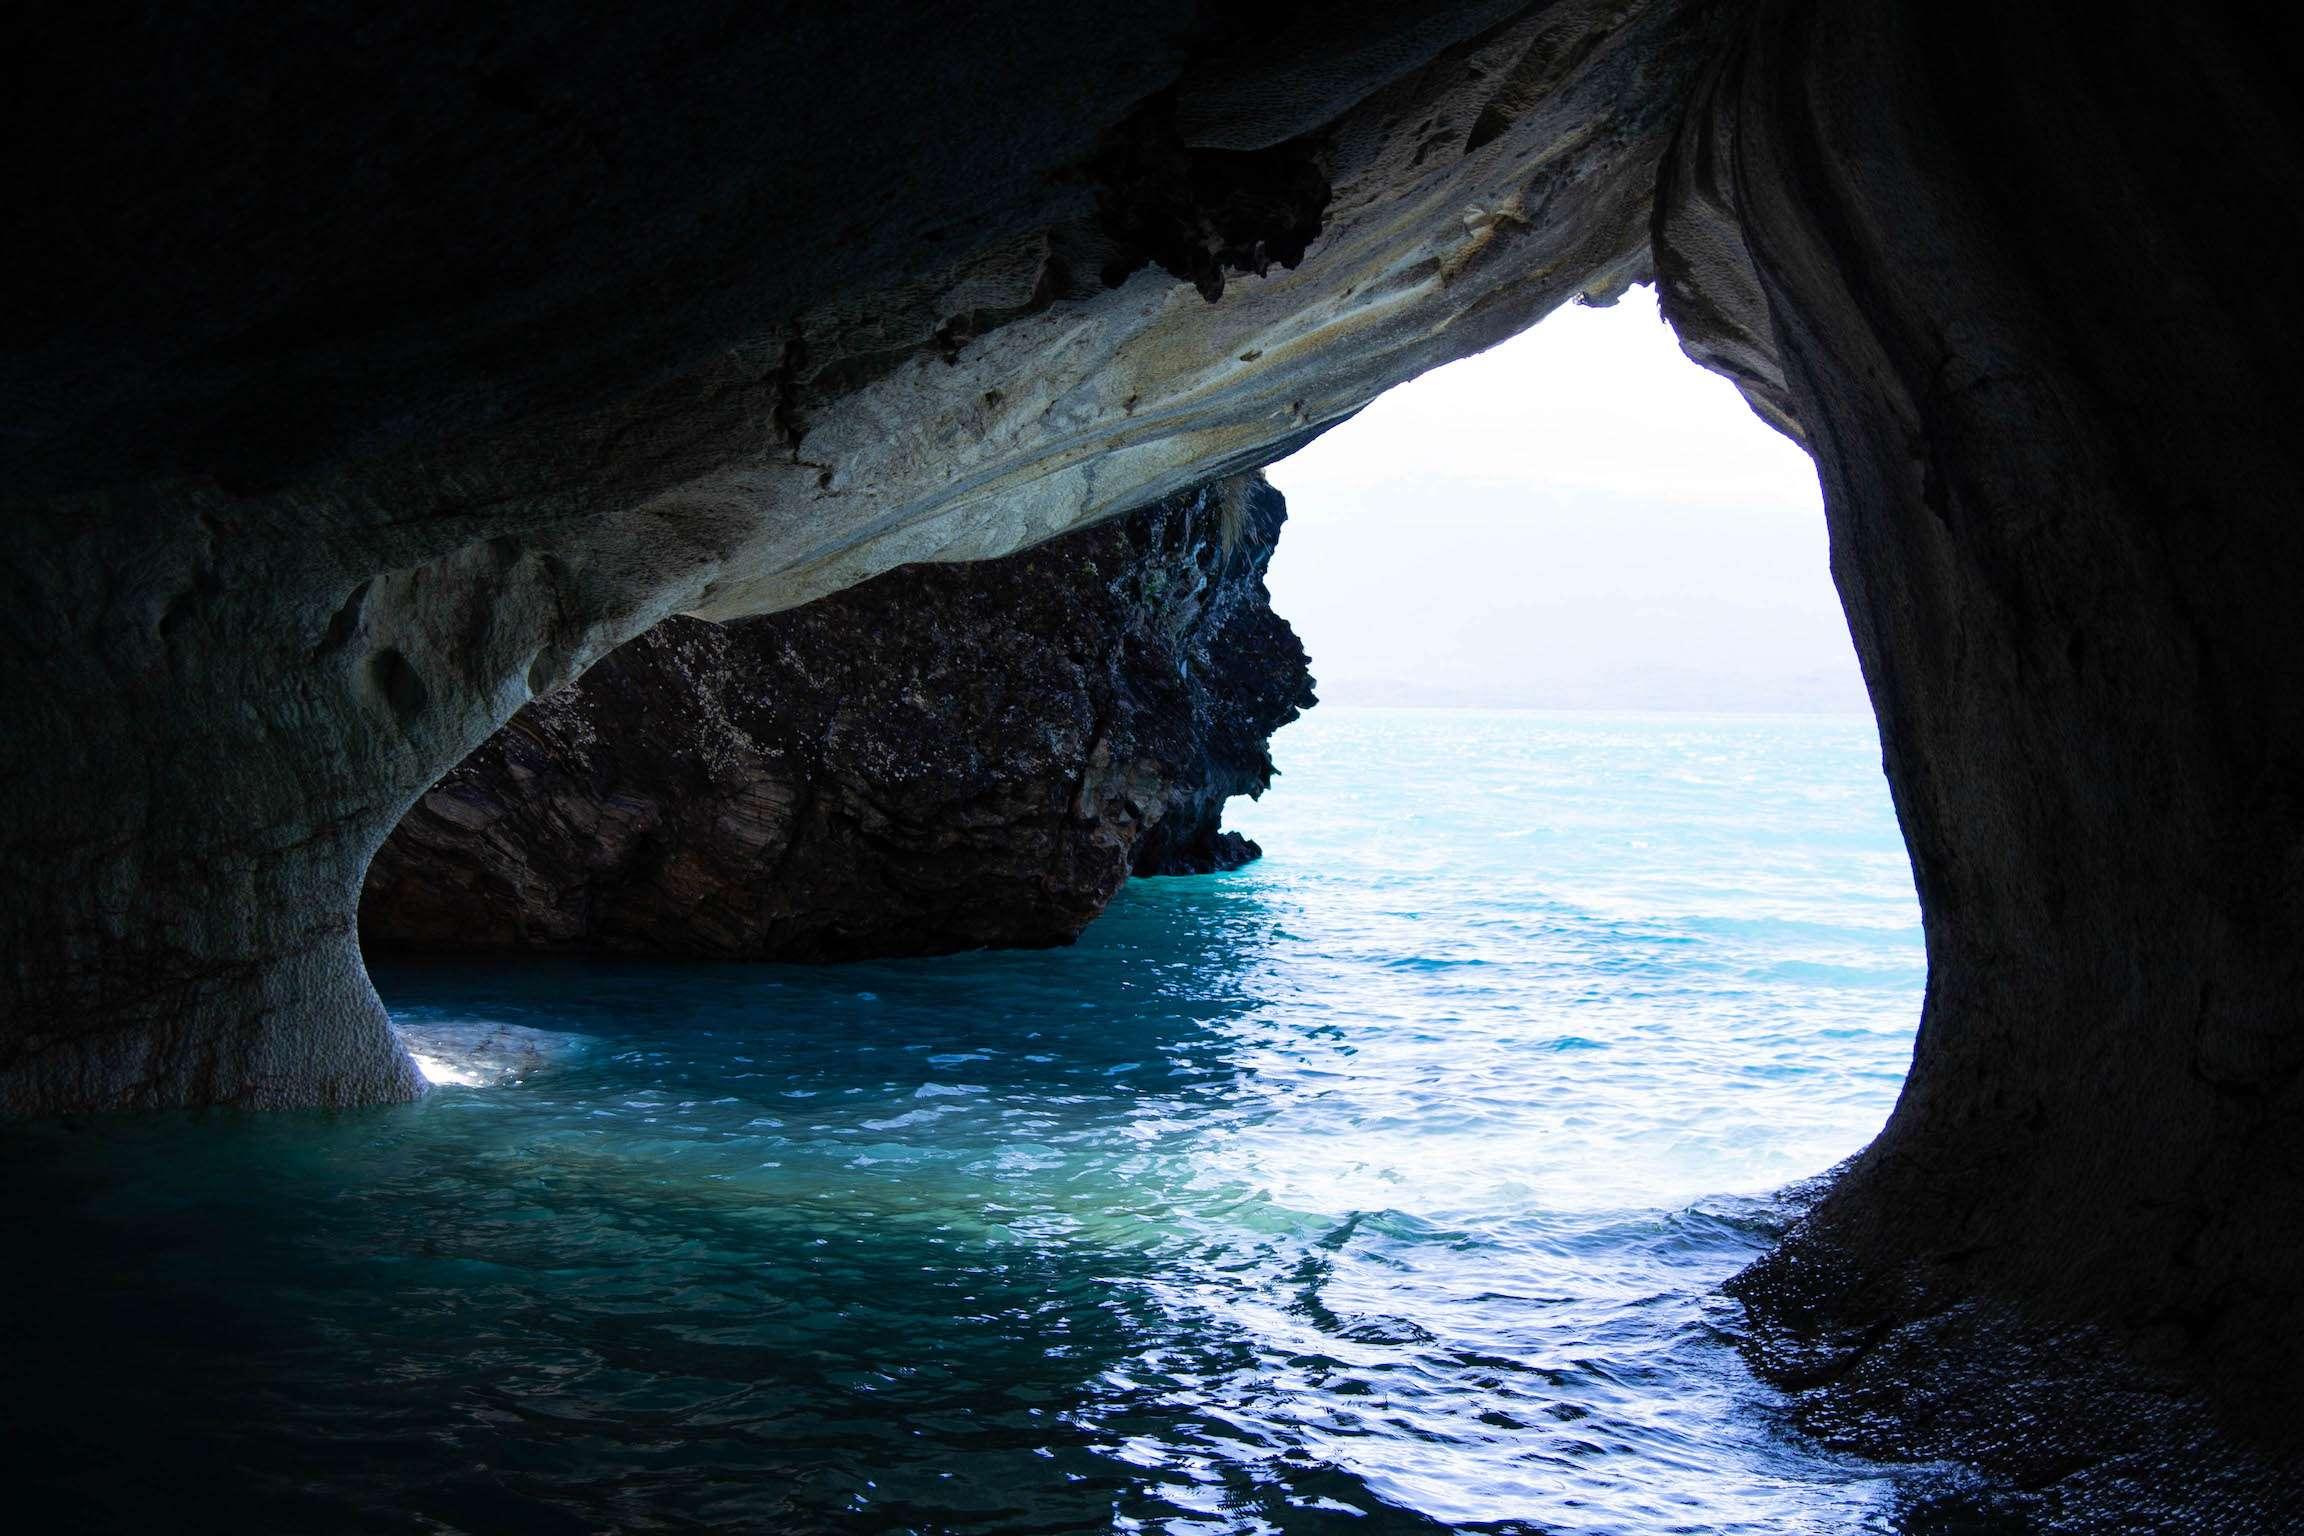 Caverne de marbre